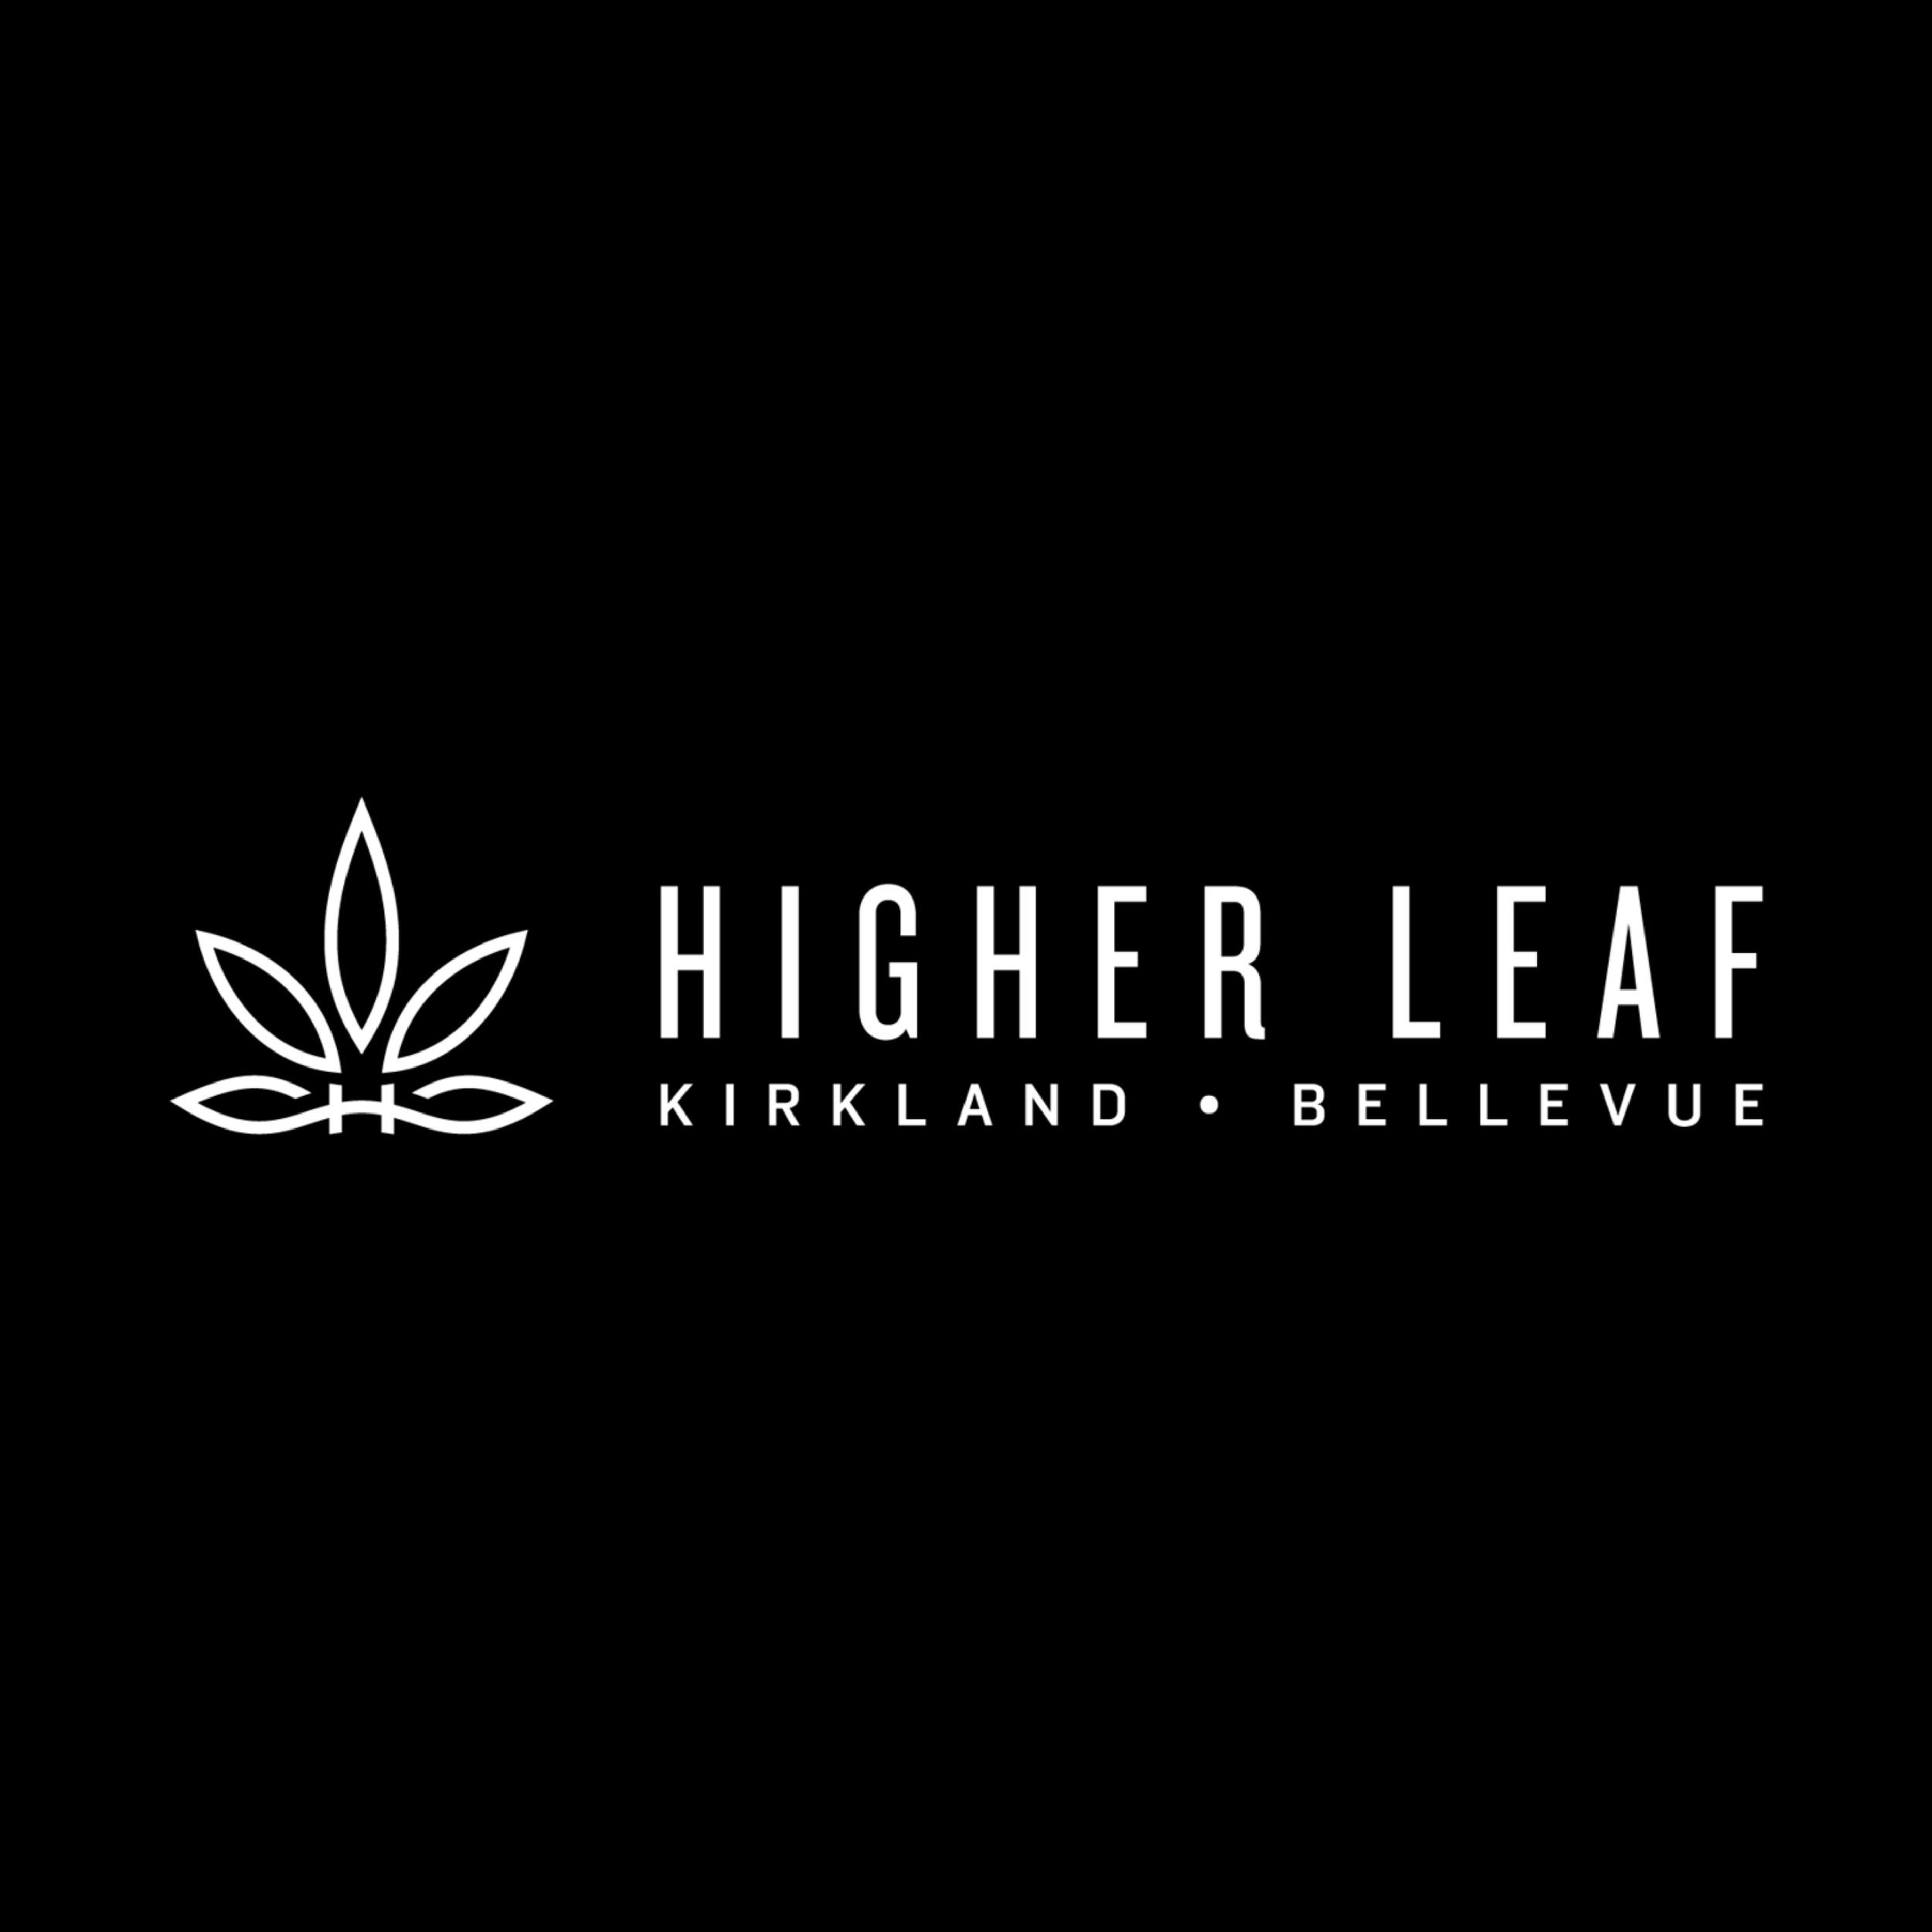 Higher Leaf-01.png